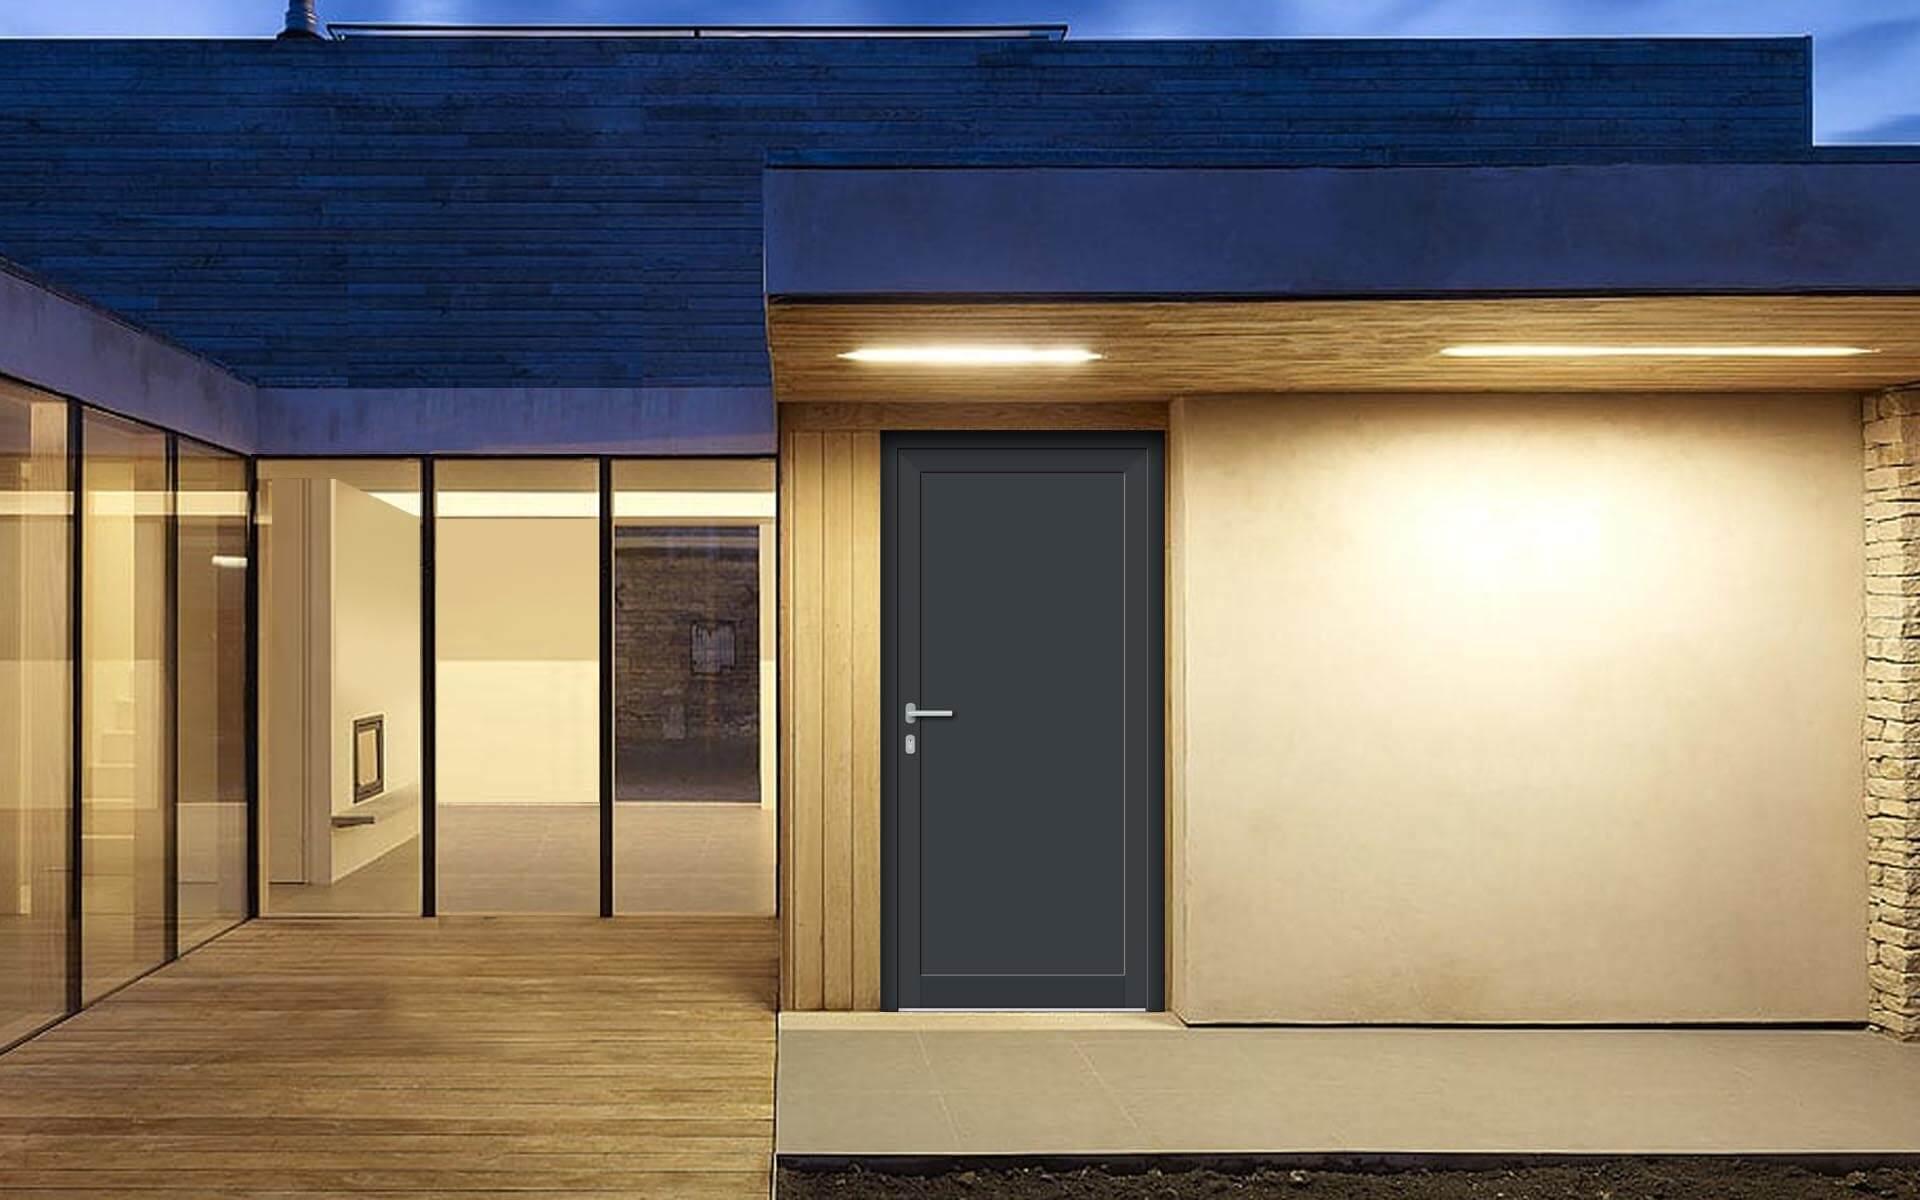 Vedľajšie vchodové dvere do domu vo farbe antracit 7016